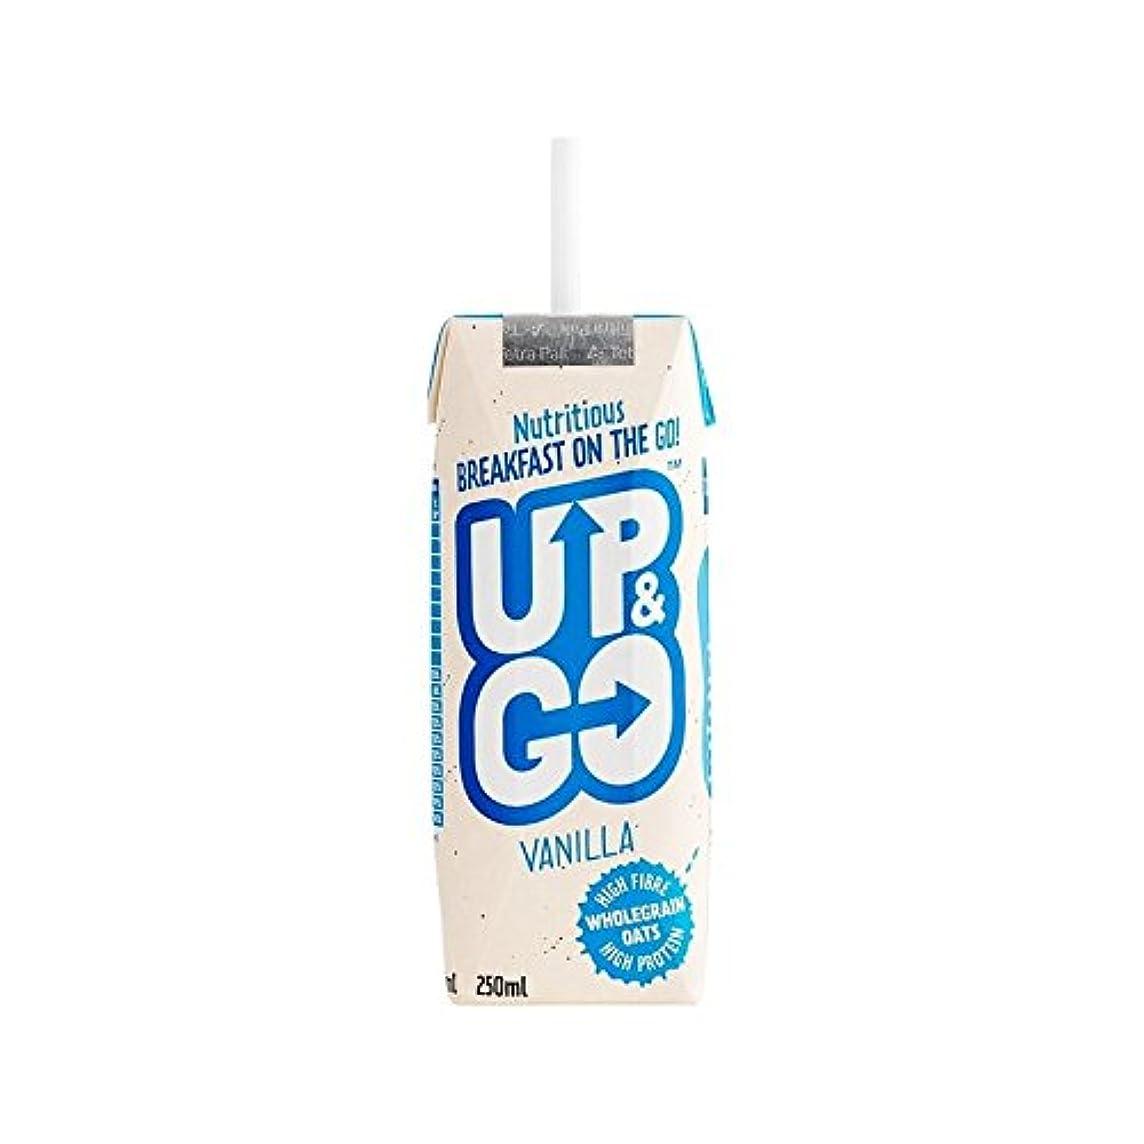 麻痺させるシェアパトロールオート麦の250ミリリットルとバニラ朝食ドリンク (Up&Go) (x 2) - Up&Go Vanilla Breakfast Drink with Oats 250ml (Pack of 2) [並行輸入品]